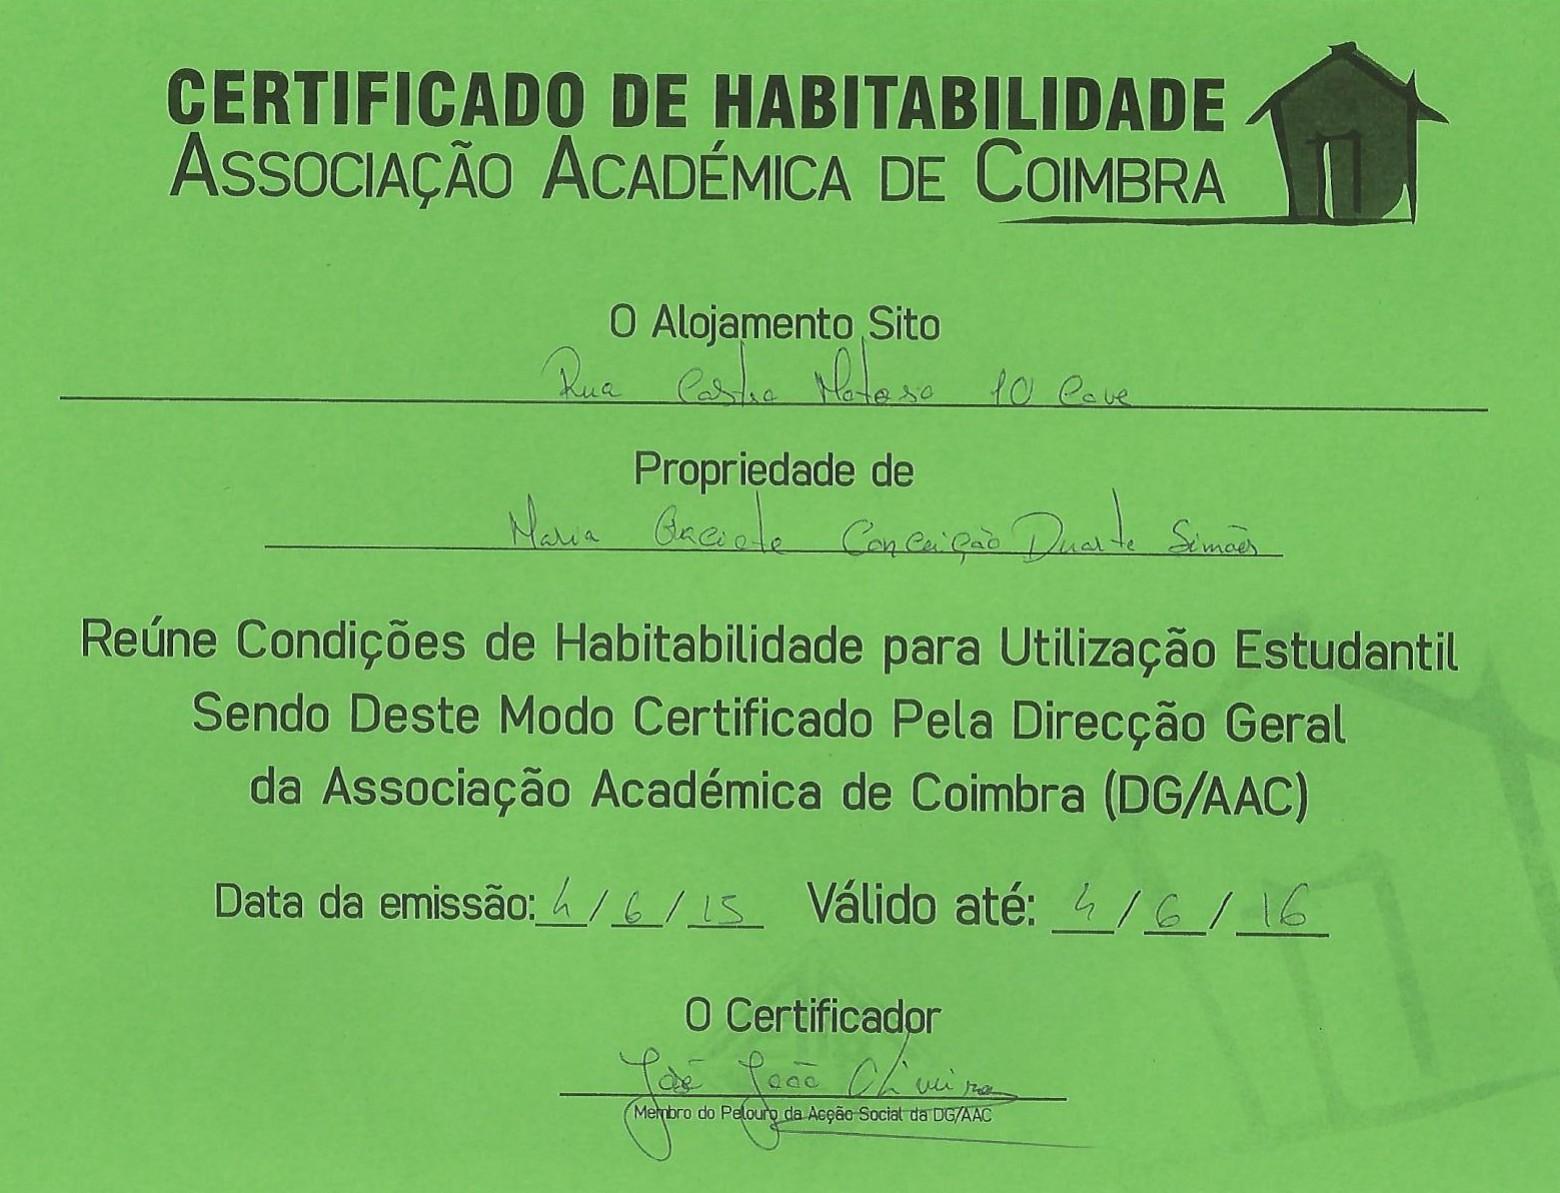 Uncios Contatos Mulheres Casn Coimbra-2560